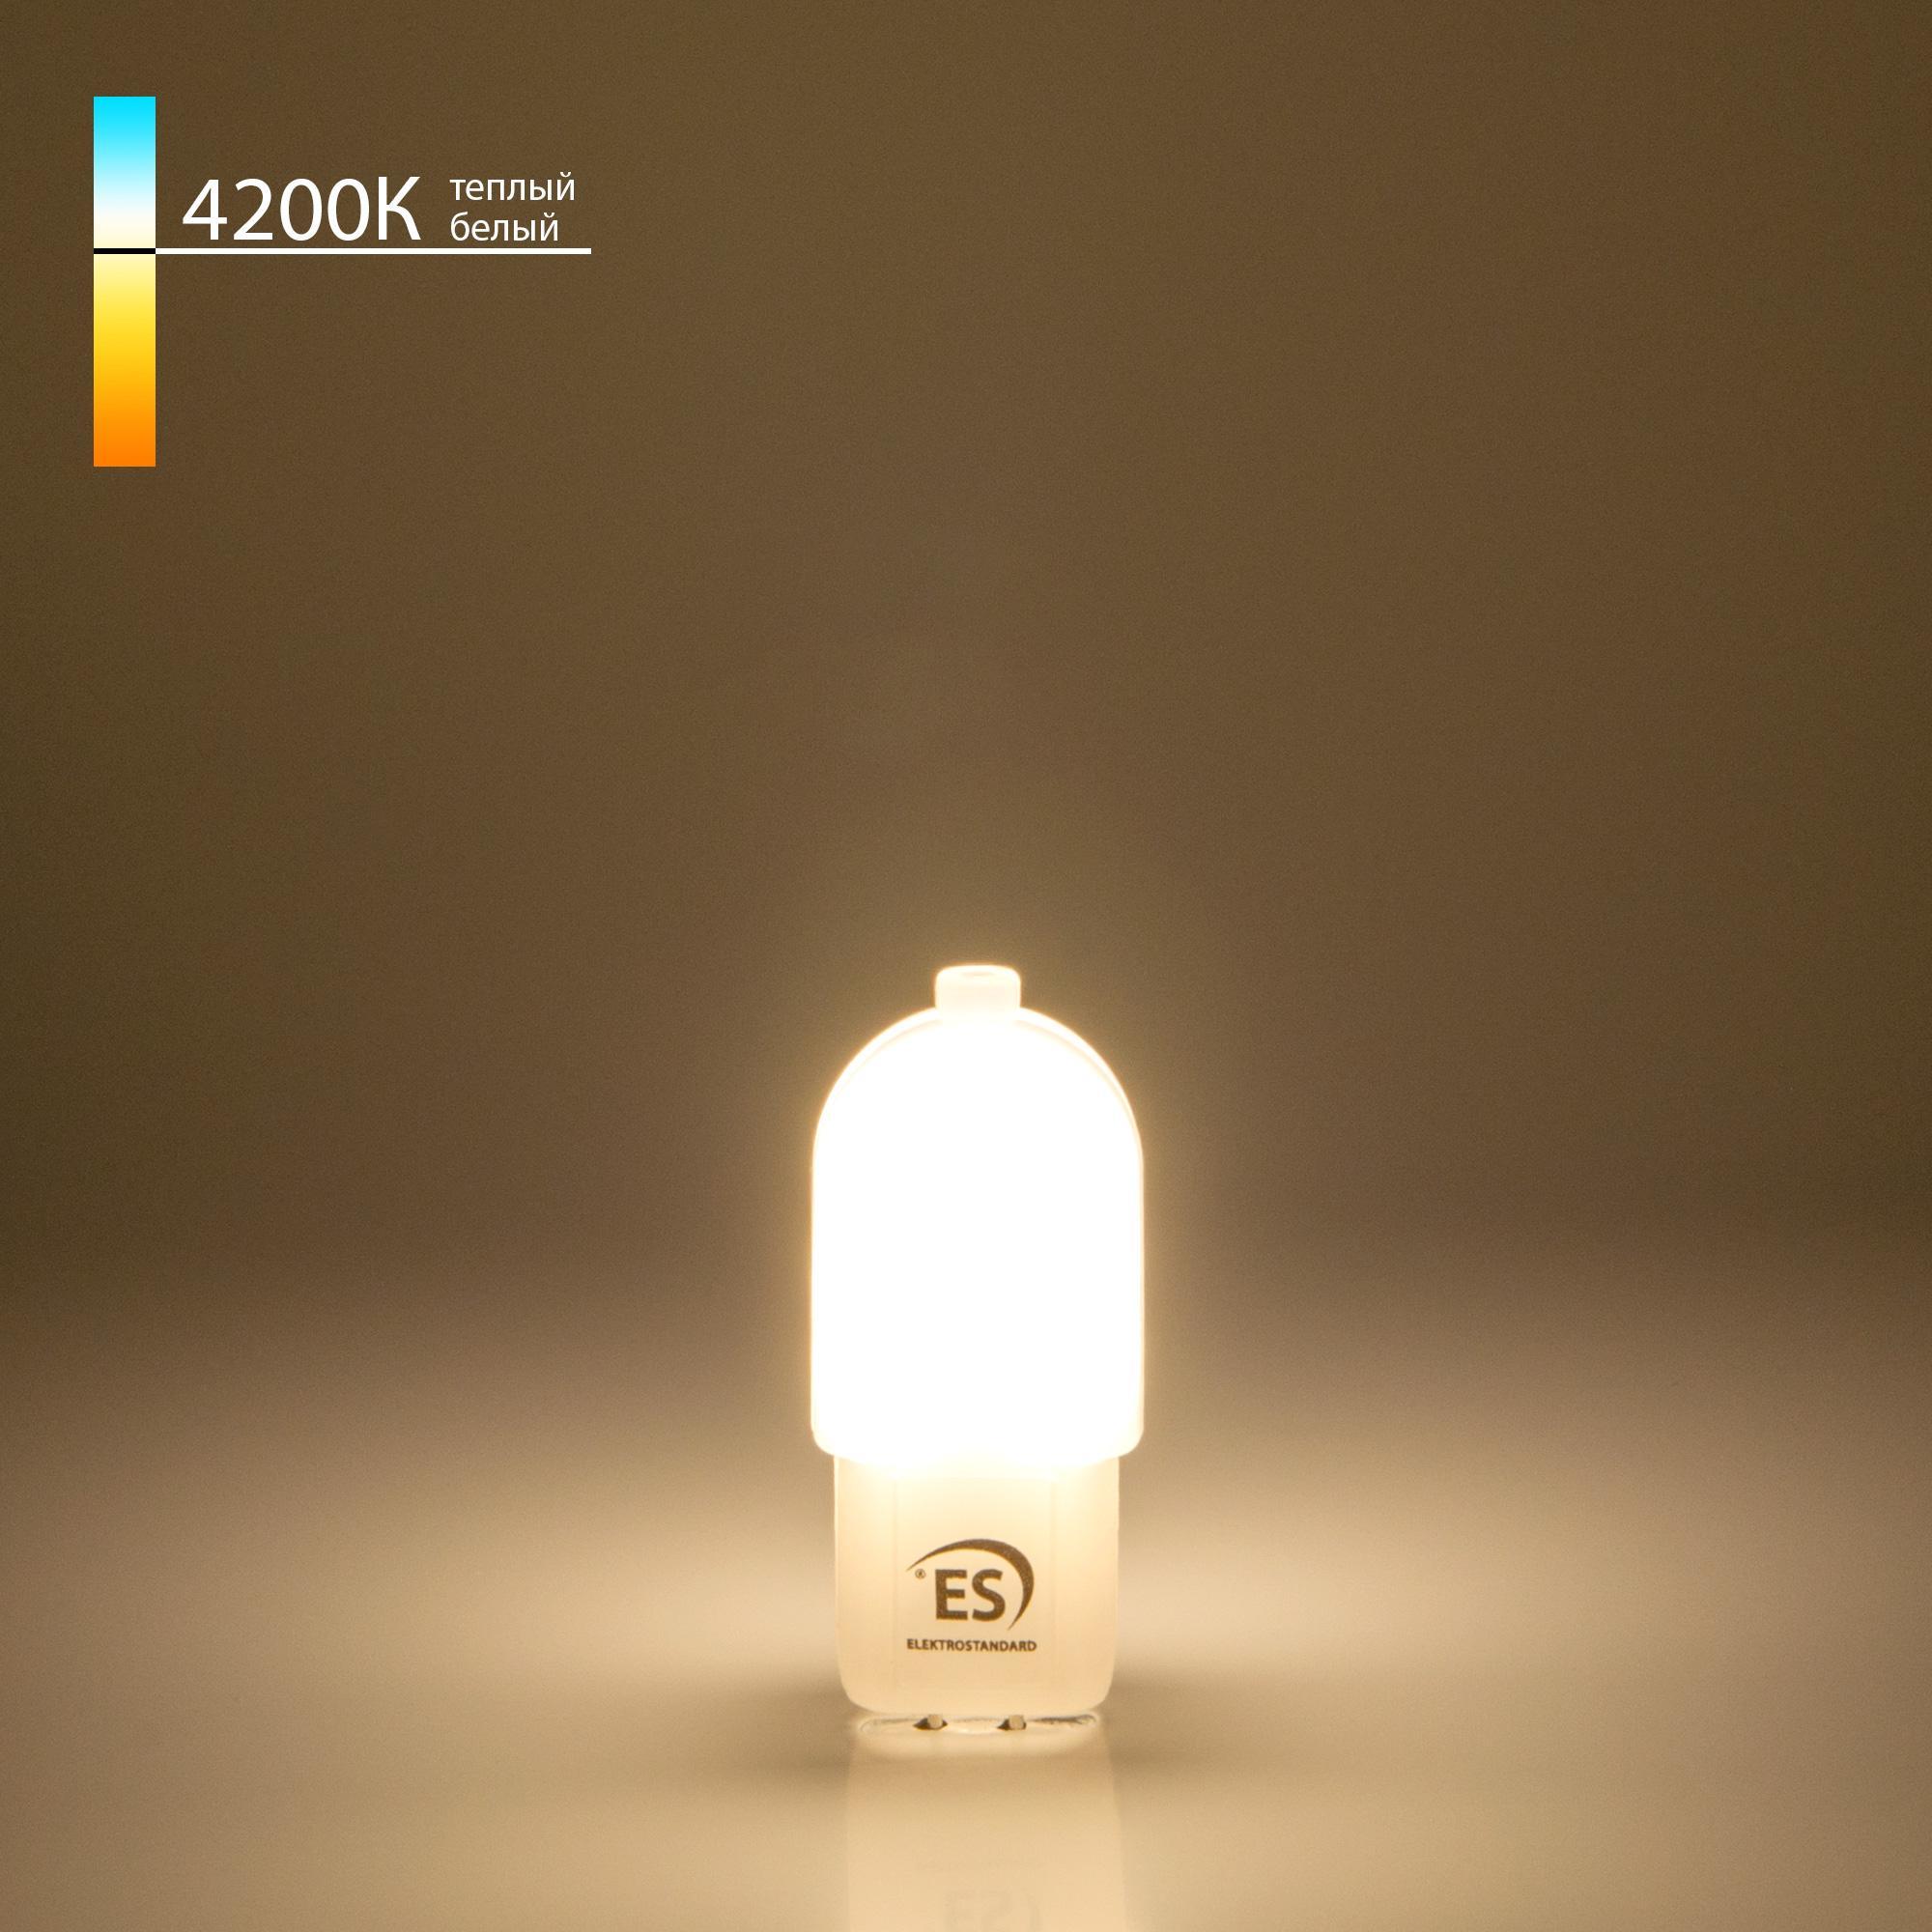 G4 LED BL122 3W 12V 360° 4200K